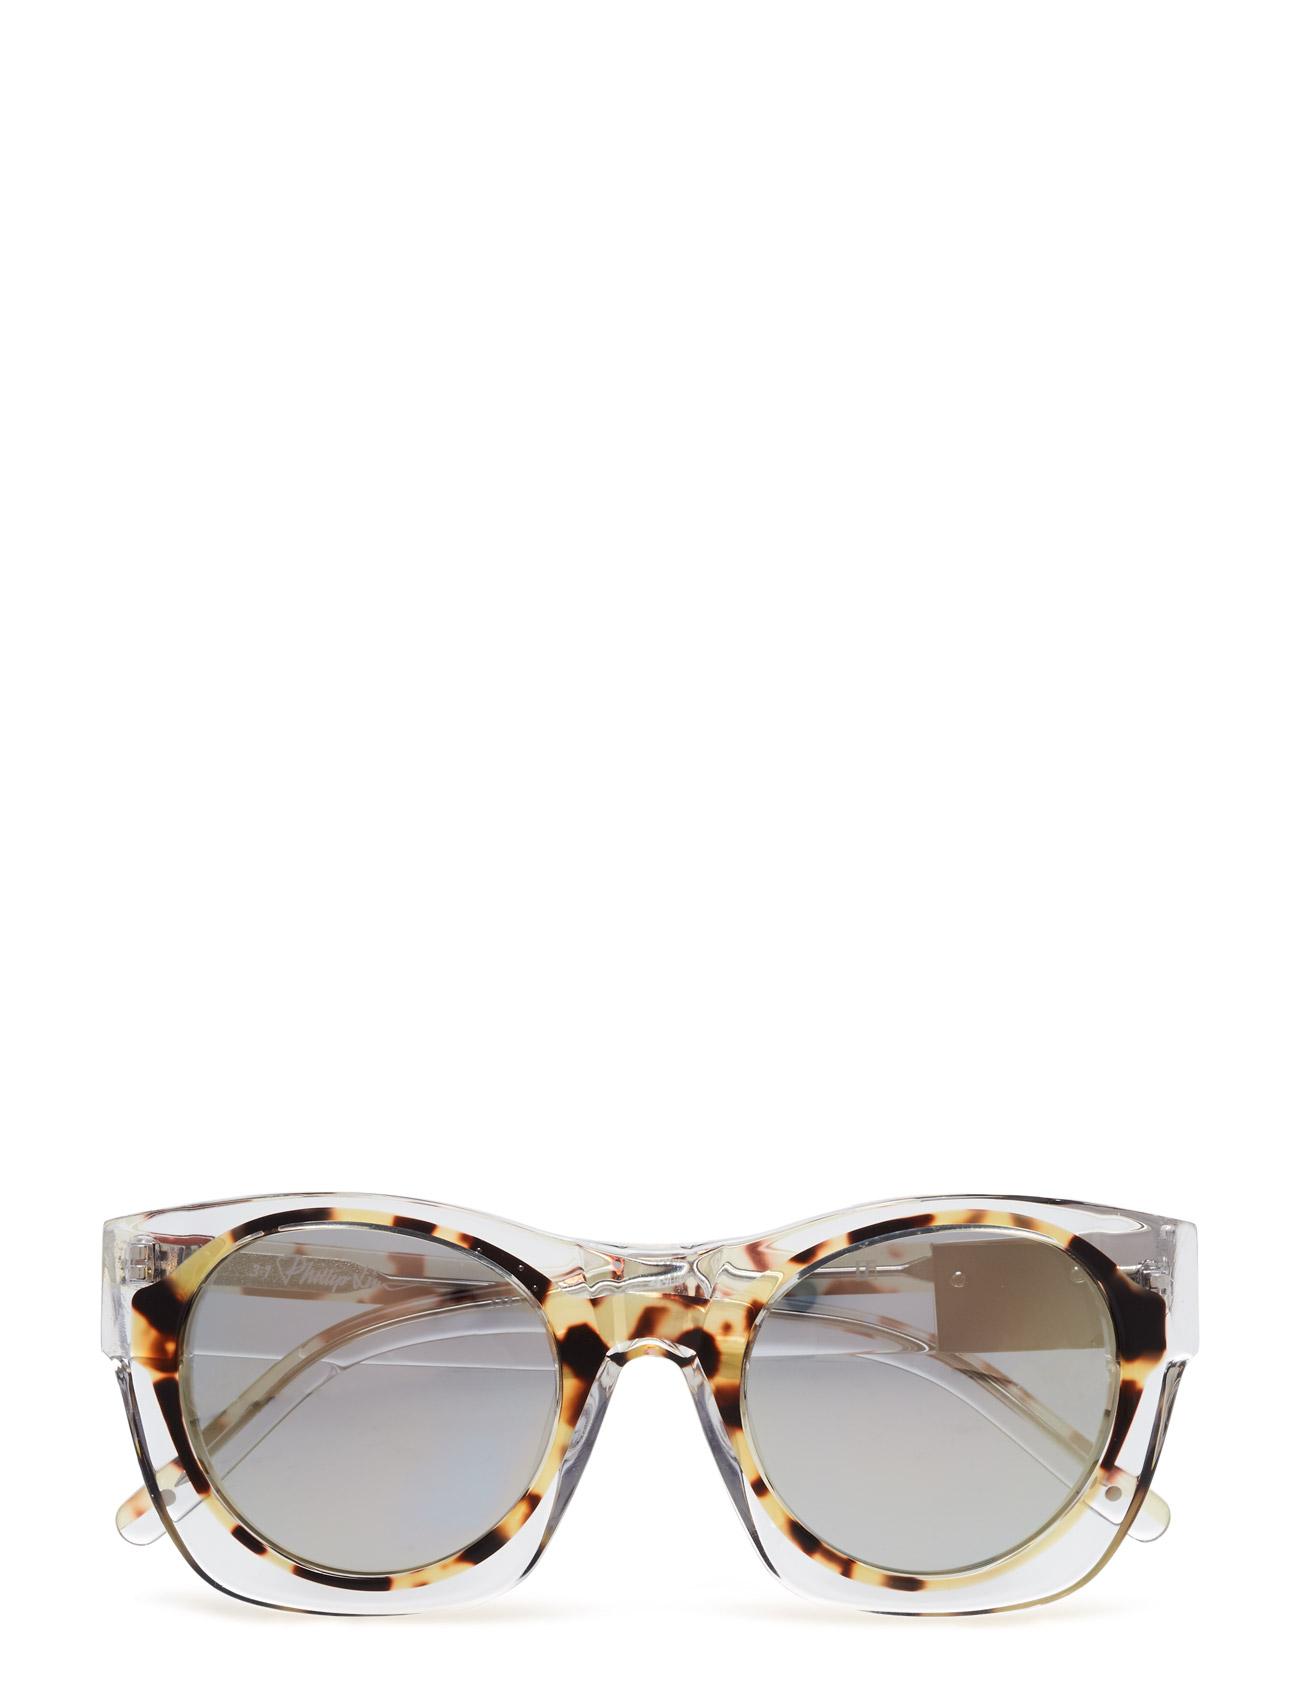 3.1 phillip lim sunglasses Phillip lim 137 c2 på boozt.com dk